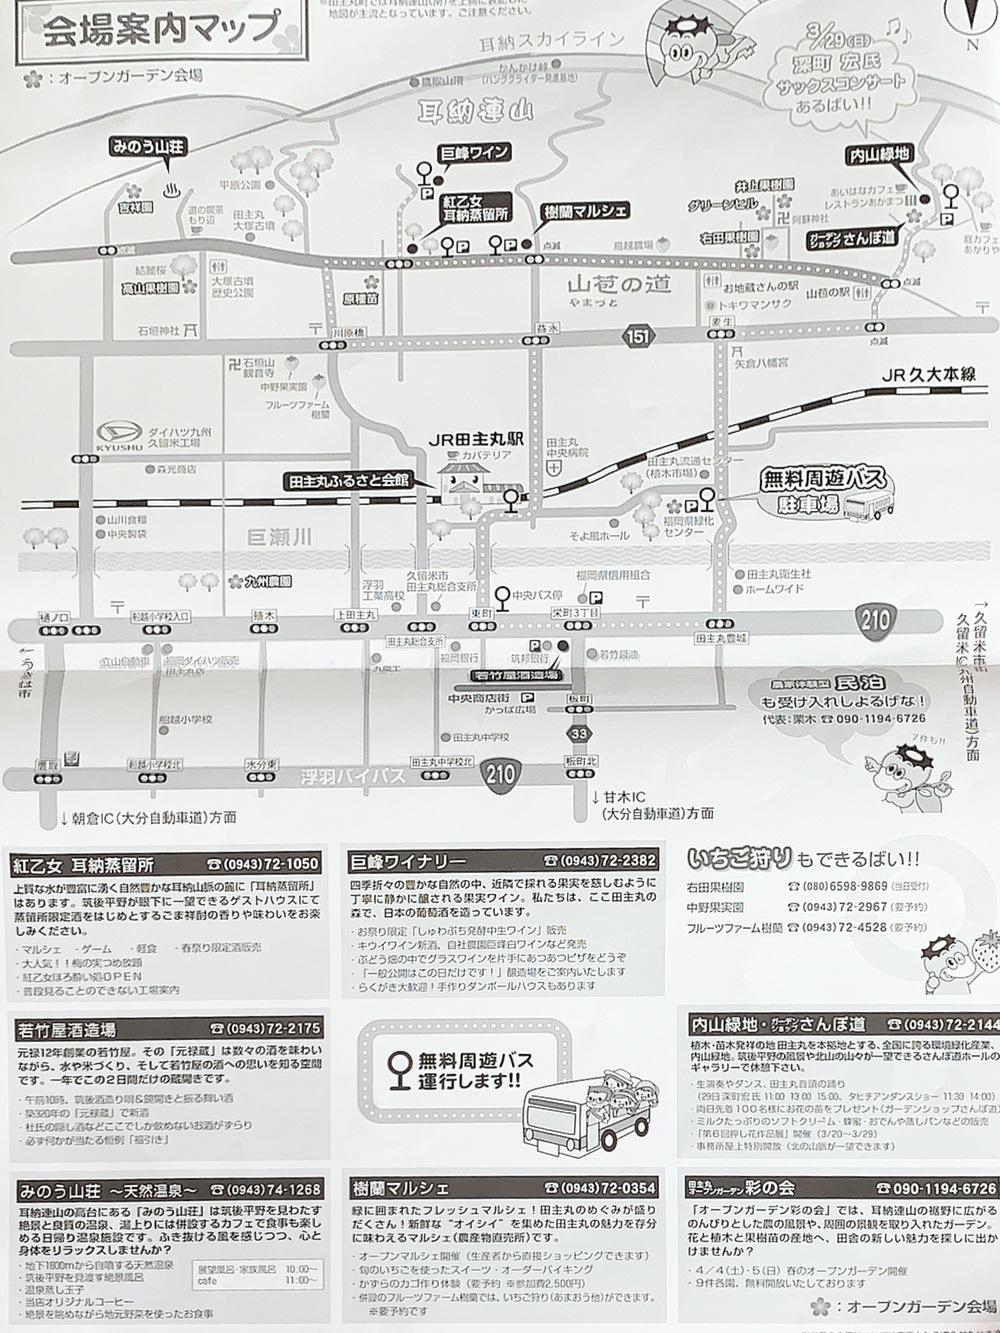 たのしまる春まつり2020 会場案内マップ・イベント内容